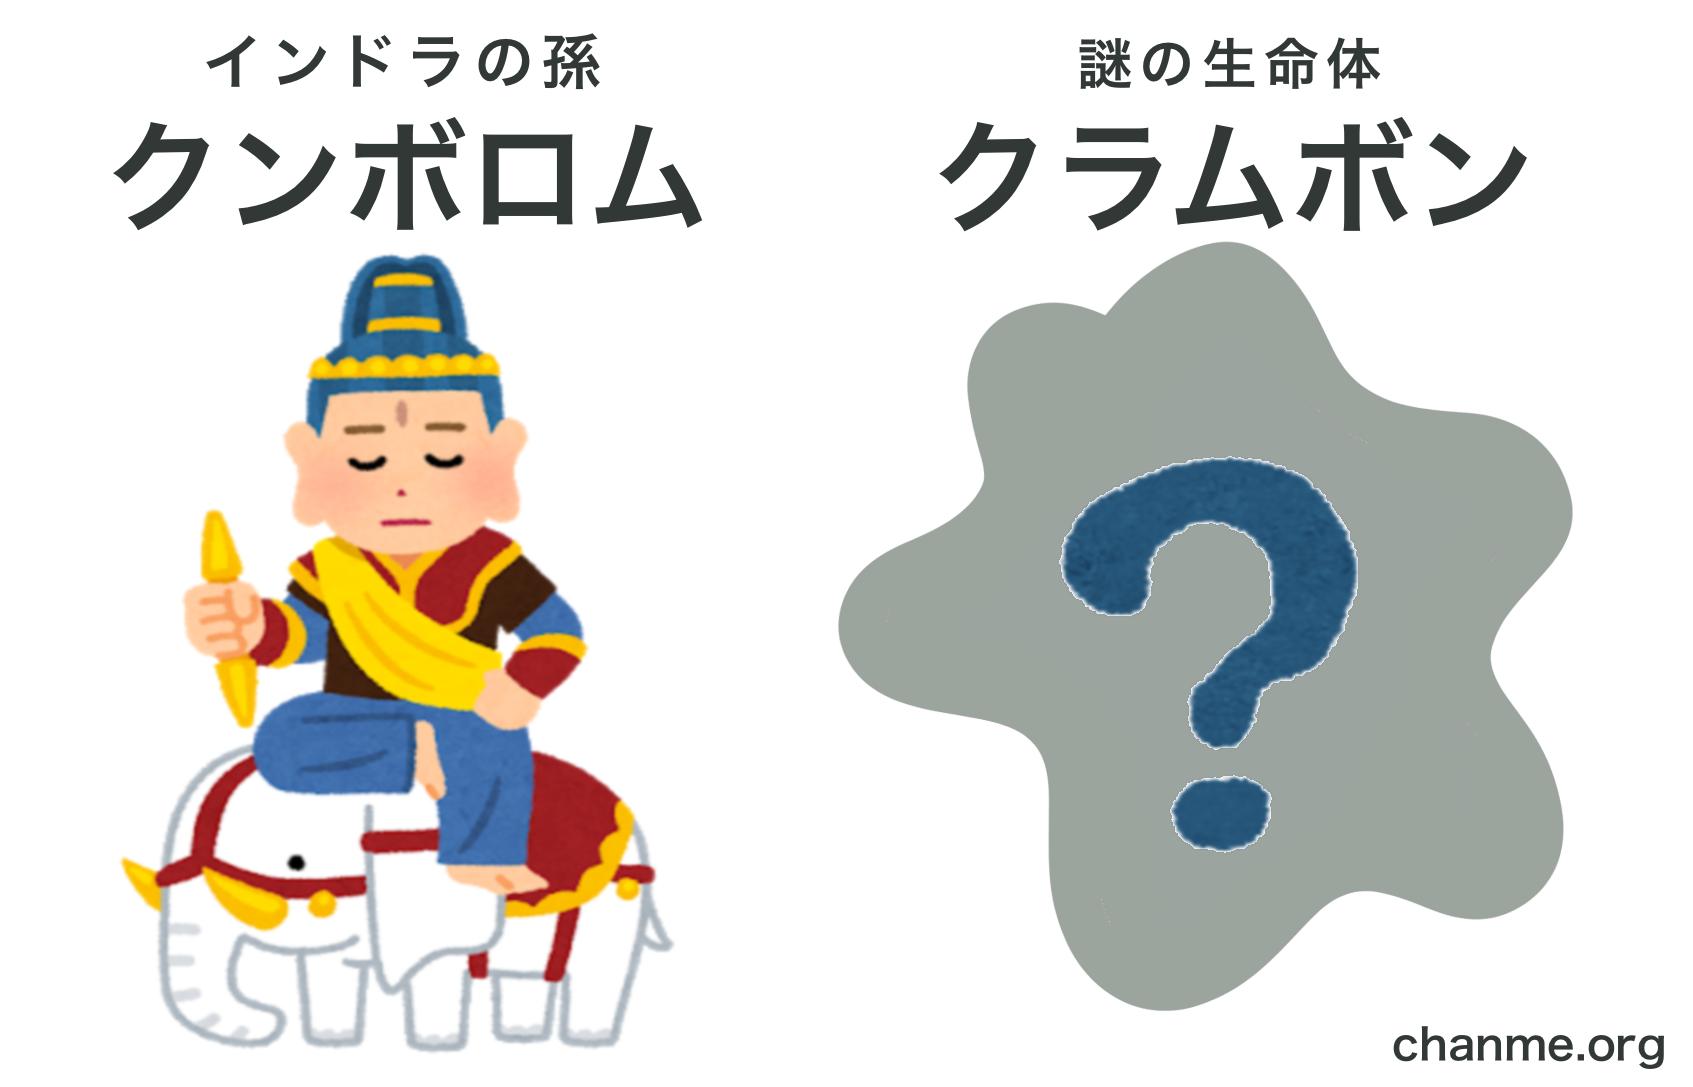 宮沢賢治「やまなし」あらすじ・読書感想 ...